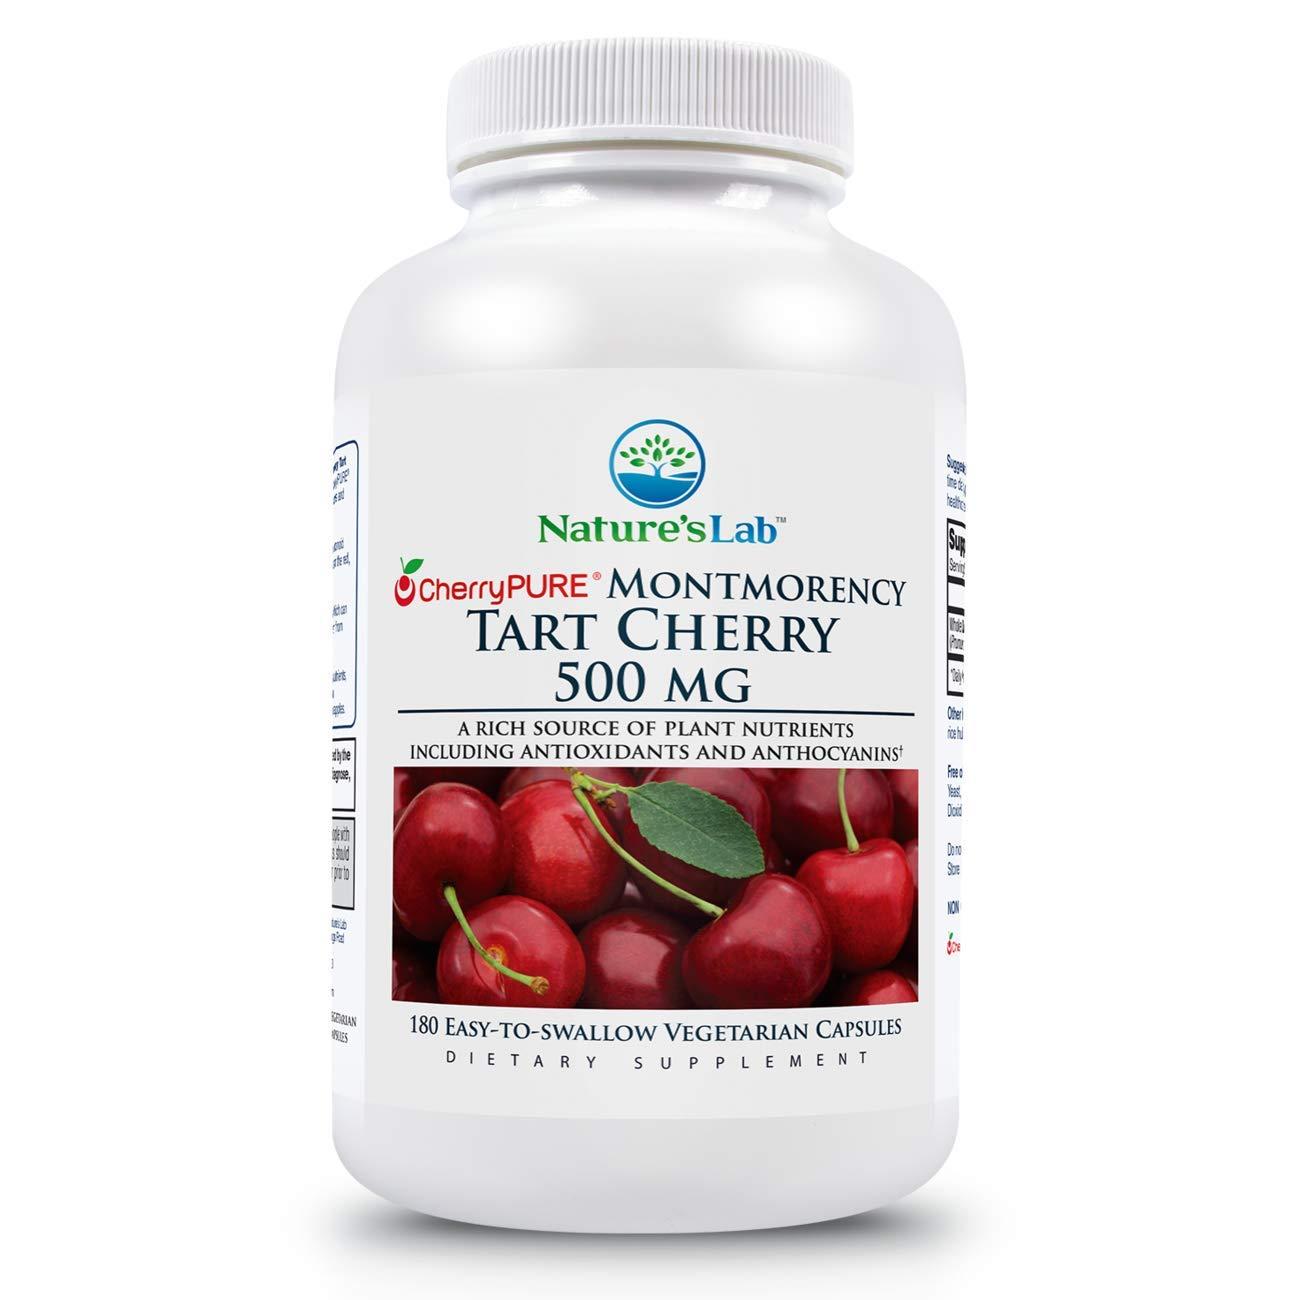 Nature's Lab Tart Cherry 500mg - 180 capsules